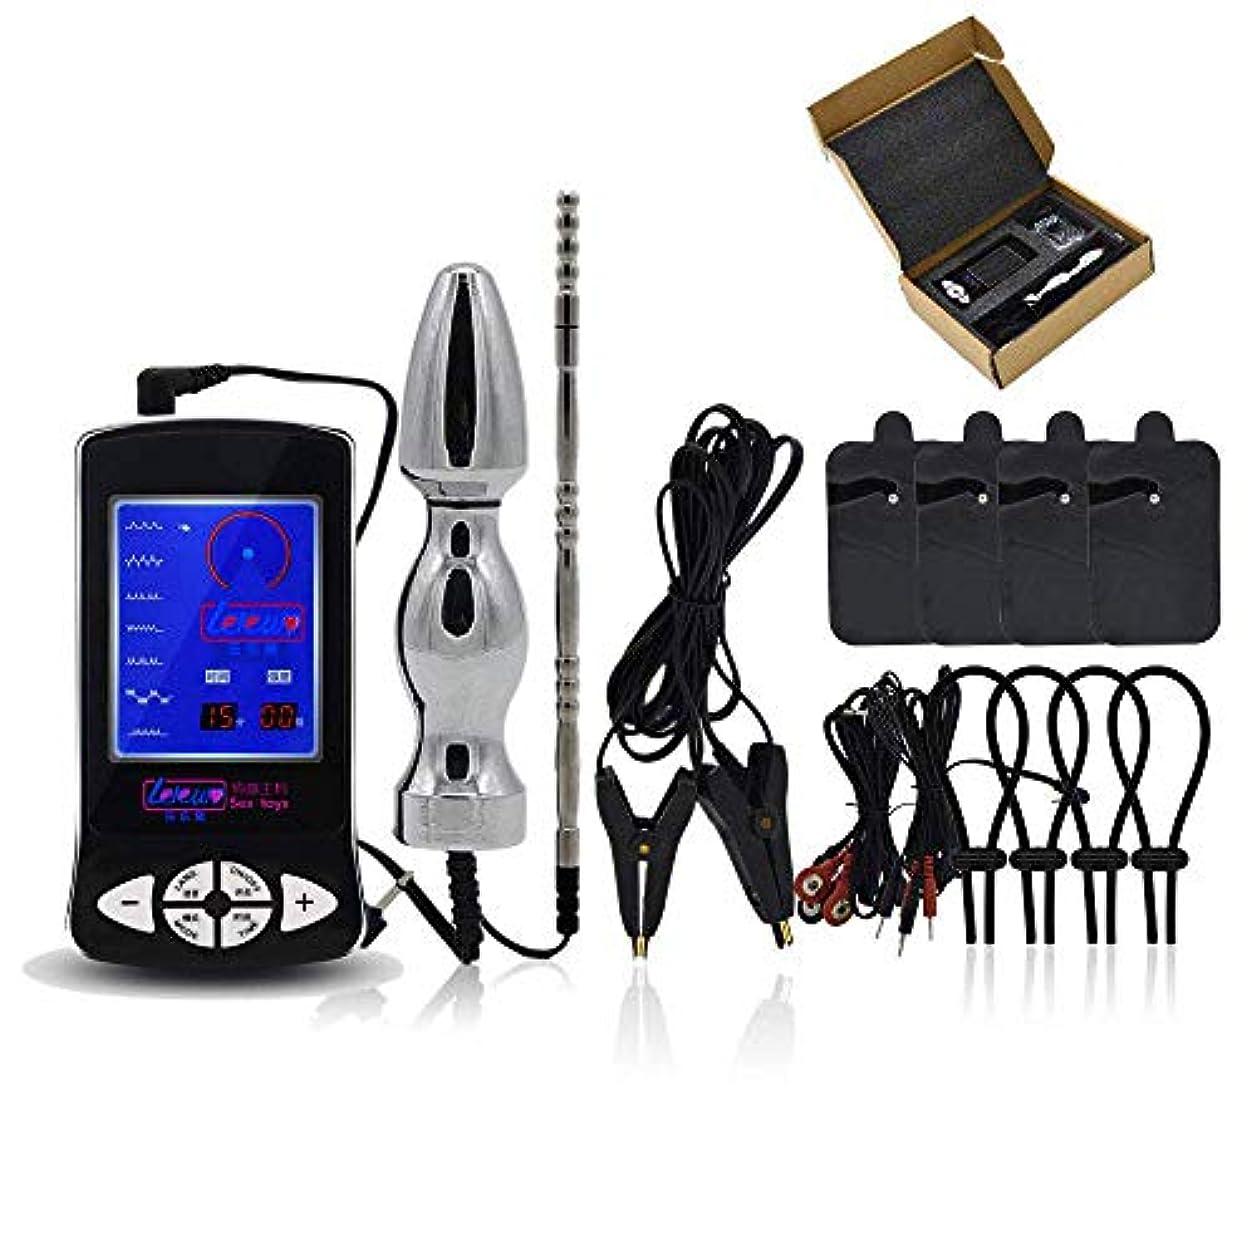 求めるスクレーパーアライメントダウンロード電気マッサージ器、電気マッサージ器マッサージキットポータブルステンレス鋼のために使用する自動車とホームオフィスの家族のためのギフト